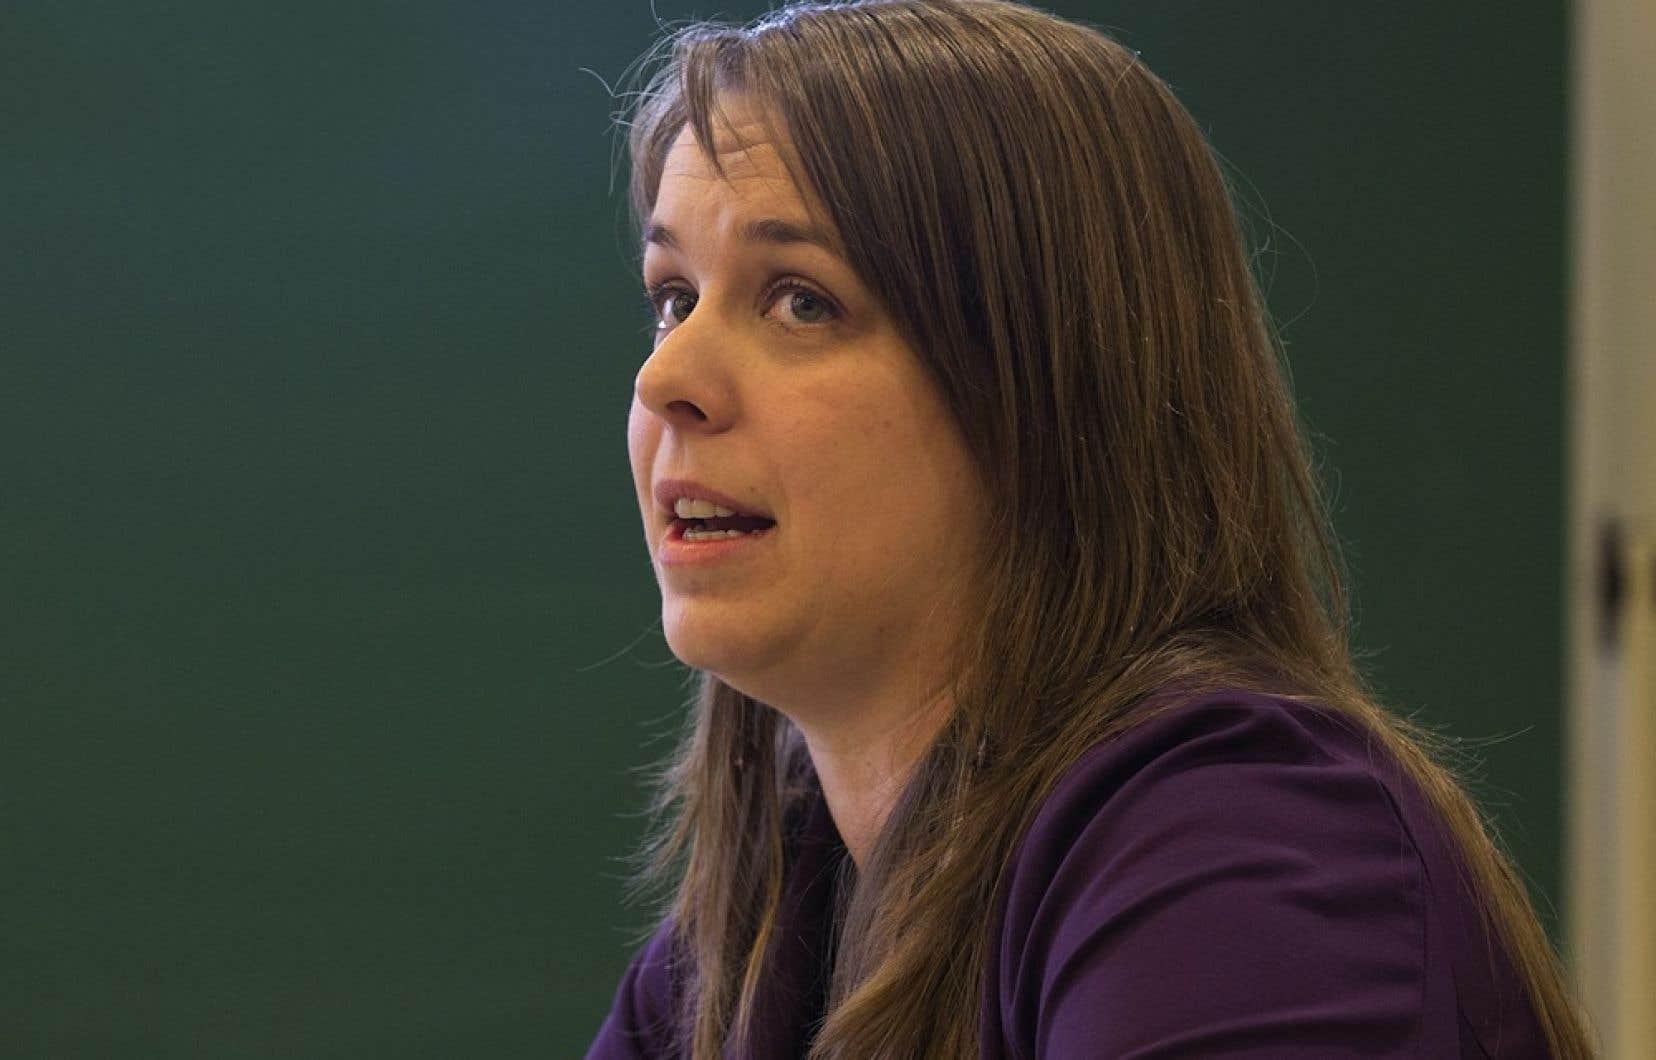 La présidente de la Fédération étudiante universitaire du Québec, Martine Desjardins, demande aux recteurs de faire leurs devoirs et de revoir leurs méthodes de gouvernance avant d'exiger de Québec qu'il délie les cordons de sa bourse.